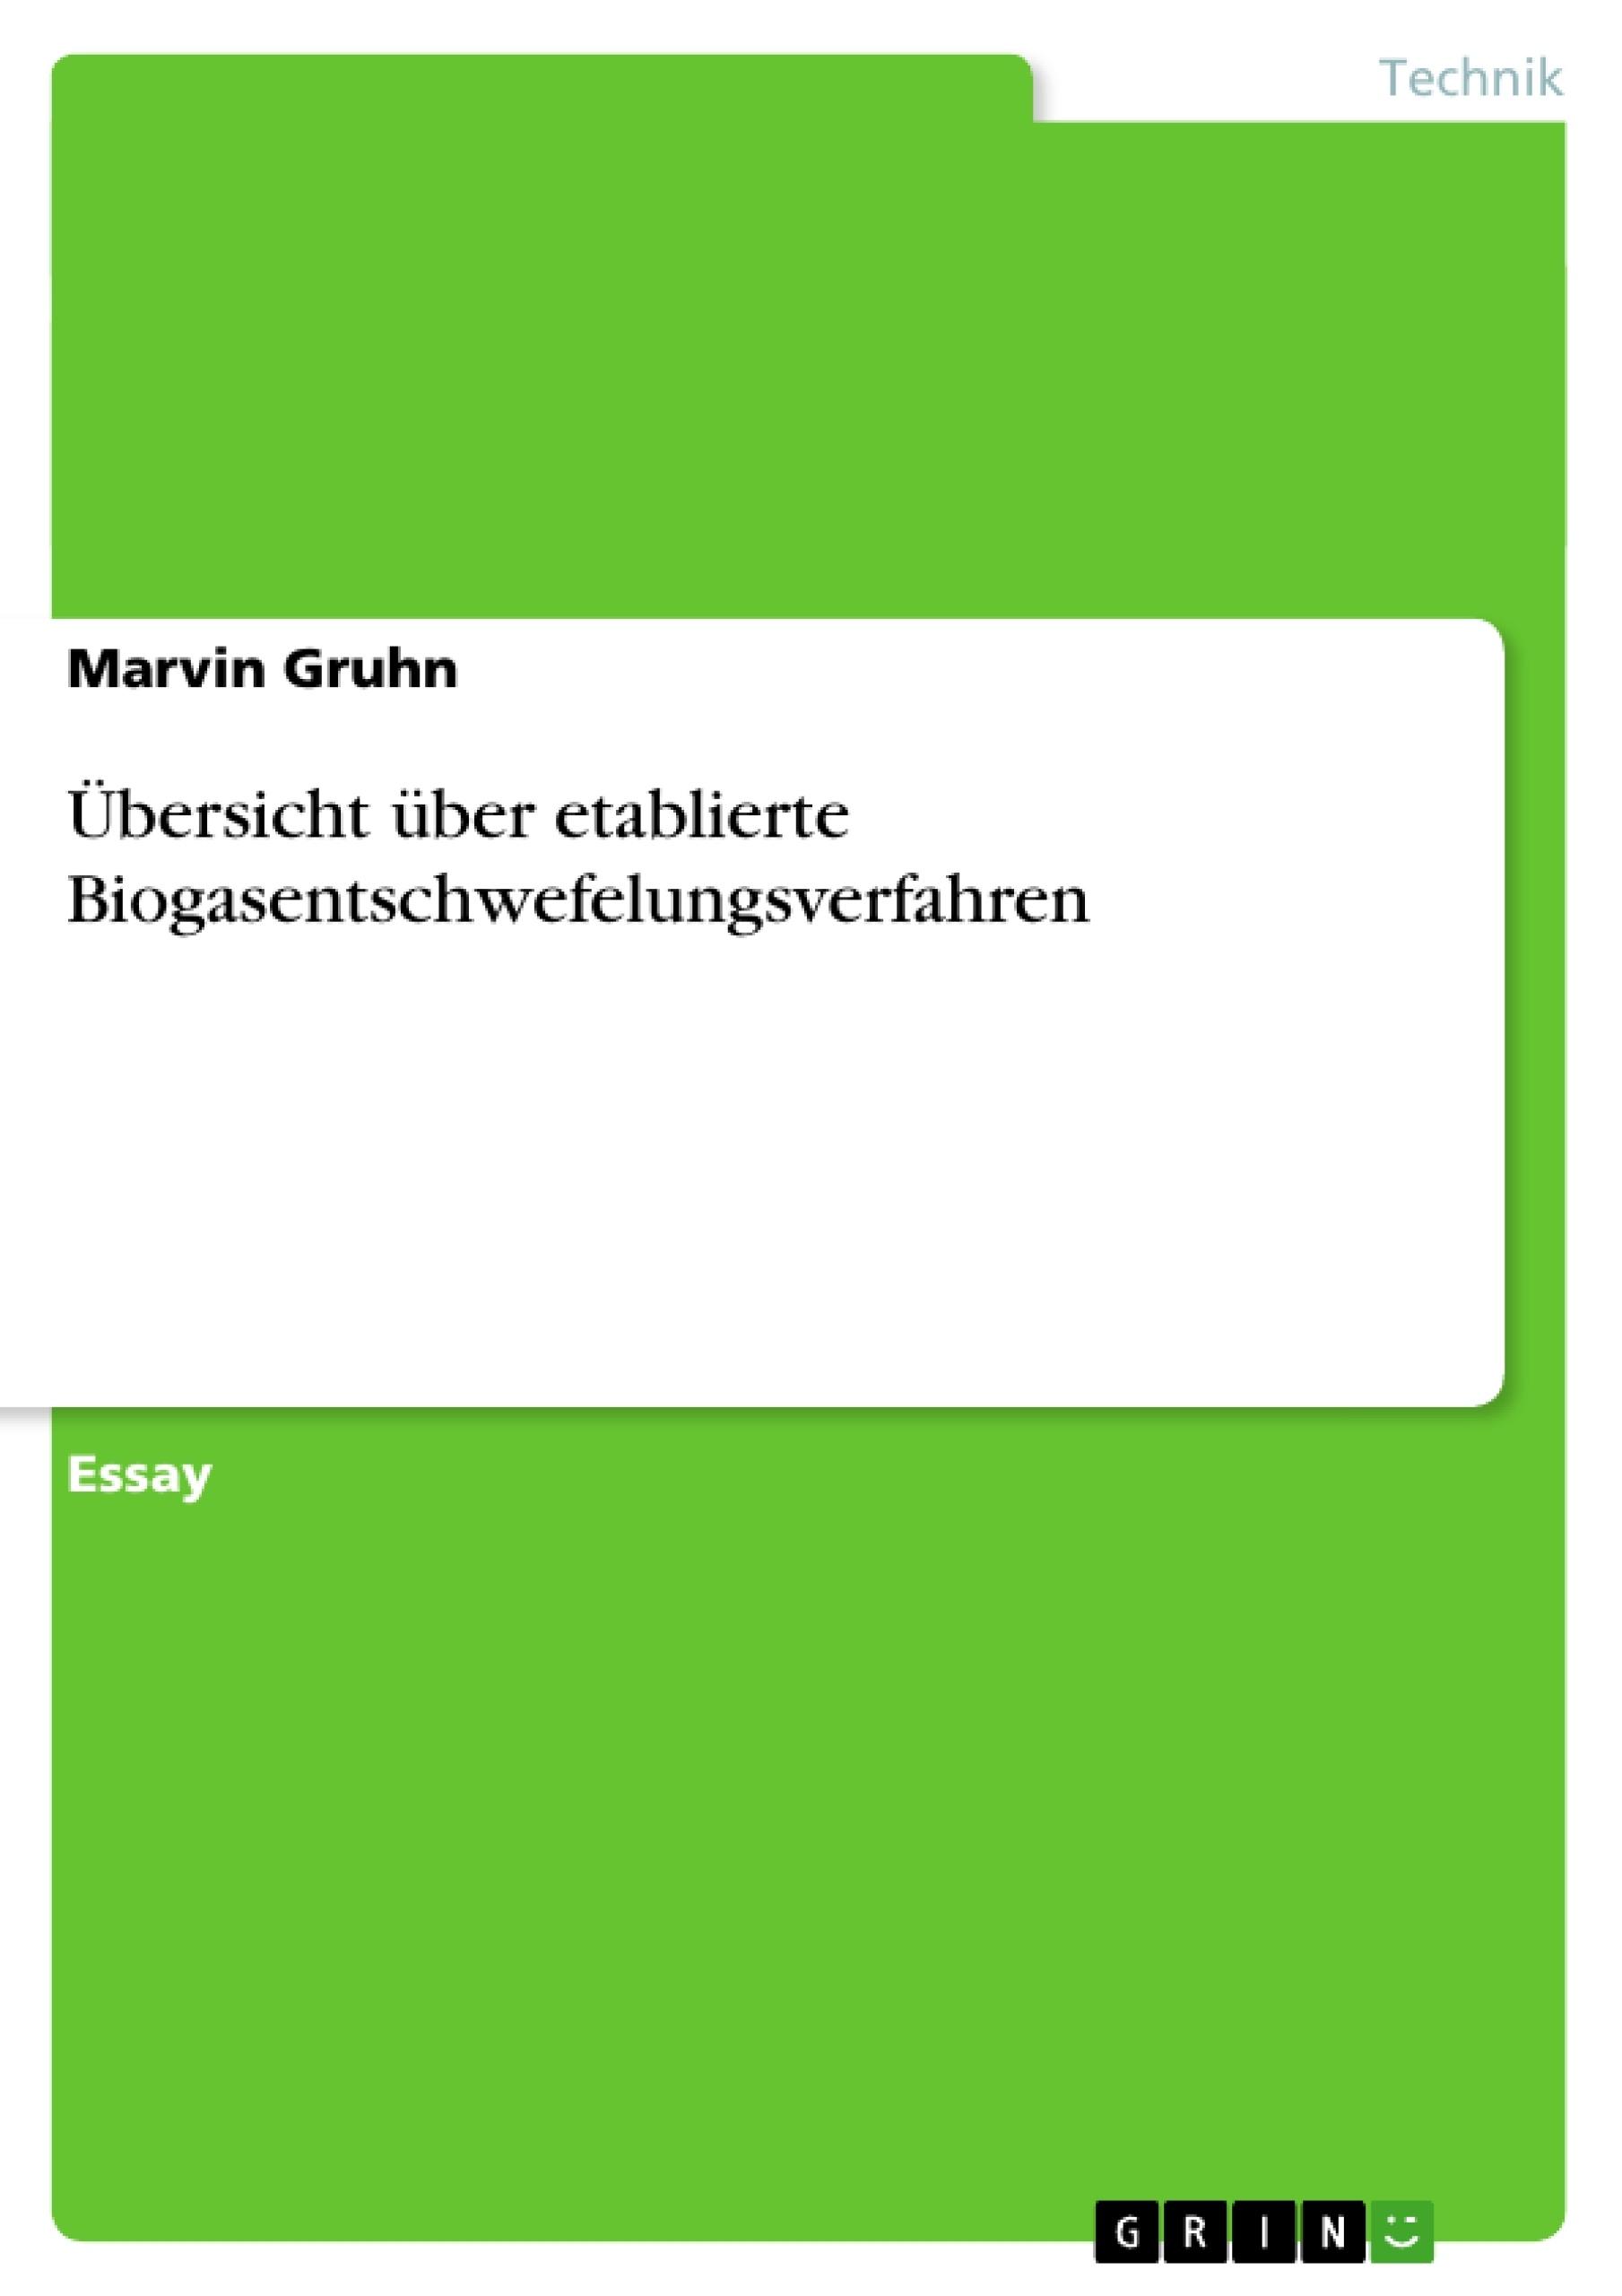 Titel: Übersicht über etablierte Biogasentschwefelungsverfahren